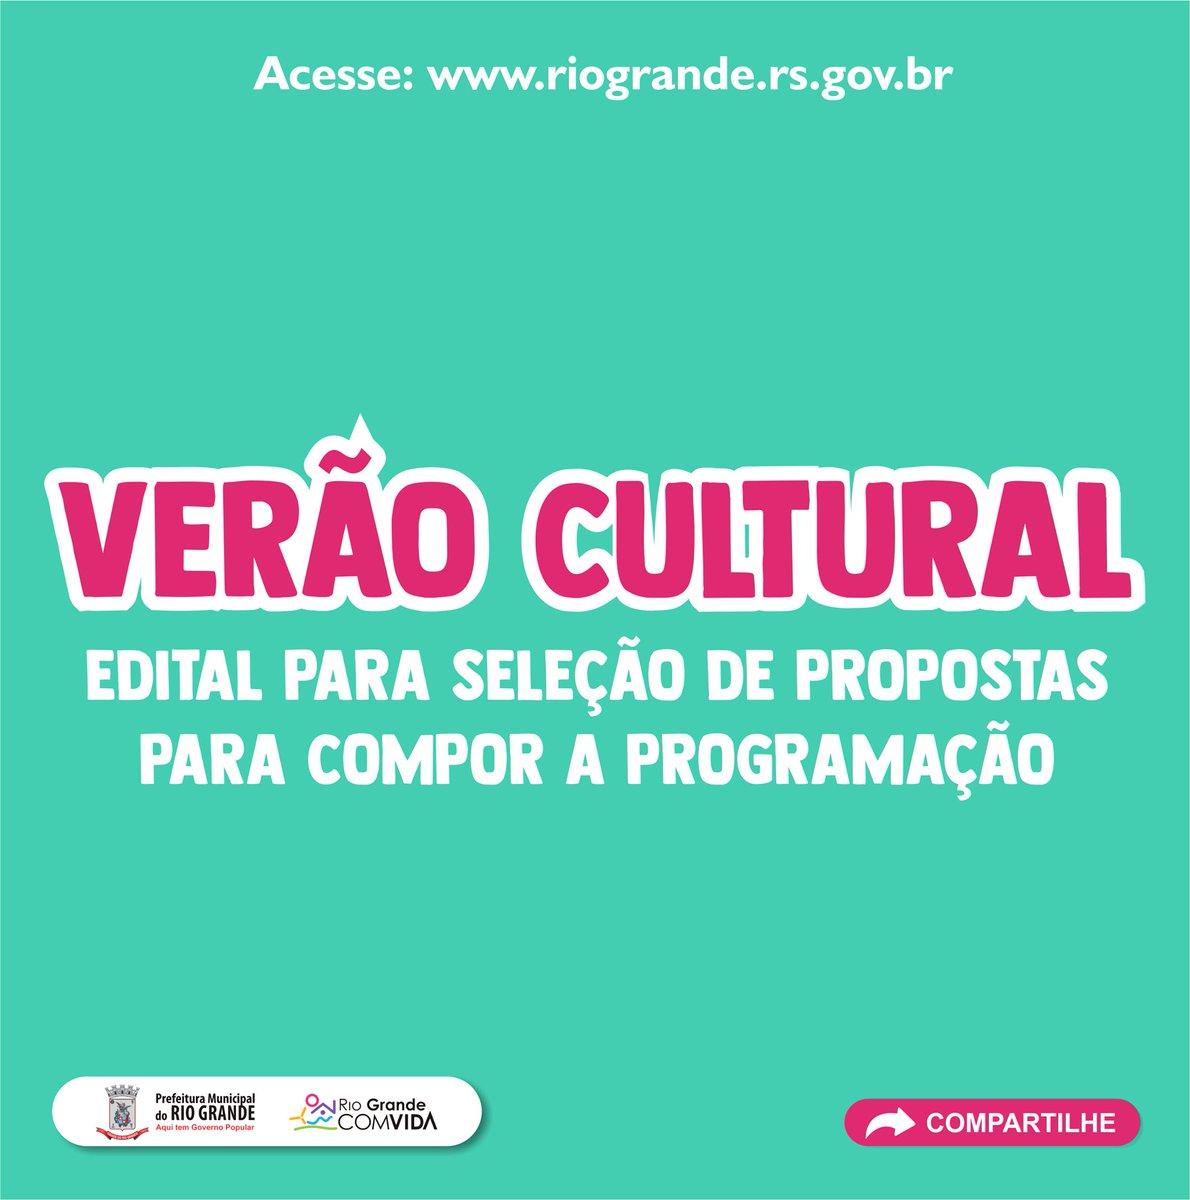 #VerãoCultural2020  Está aberto o edital para seleção de propostas que irão compor a programação artística do projeto.   Tem interesse?  http://bit.ly/35g3xR3 #PraiaDoCassino #Verão2020 pic.twitter.com/vvgLIAyLZo